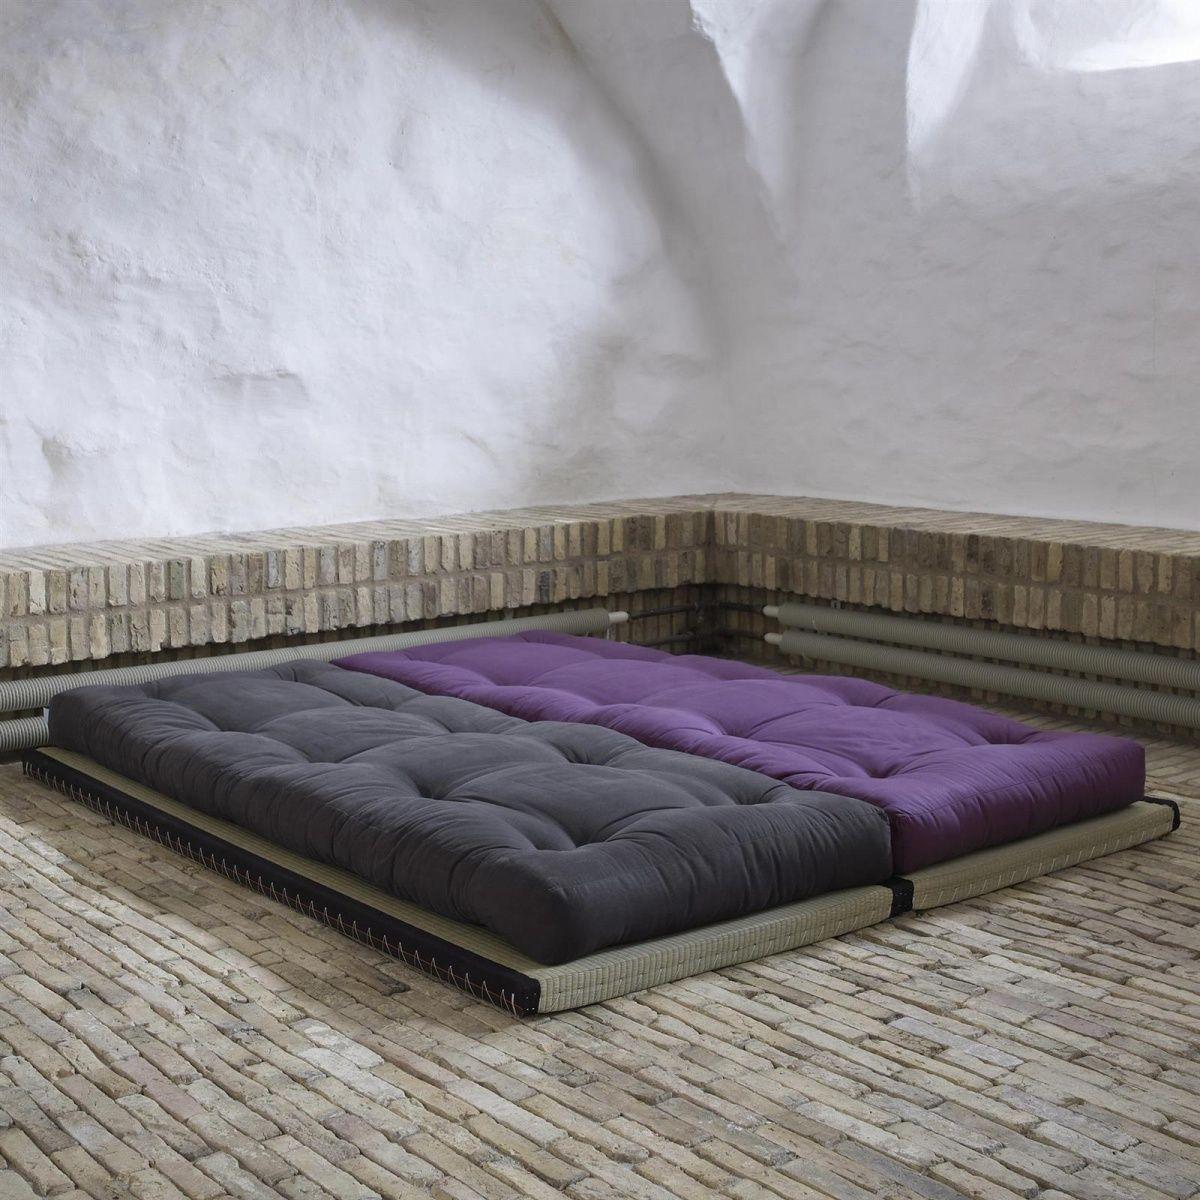 sofa bett chico bett bett sofa und m bel. Black Bedroom Furniture Sets. Home Design Ideas